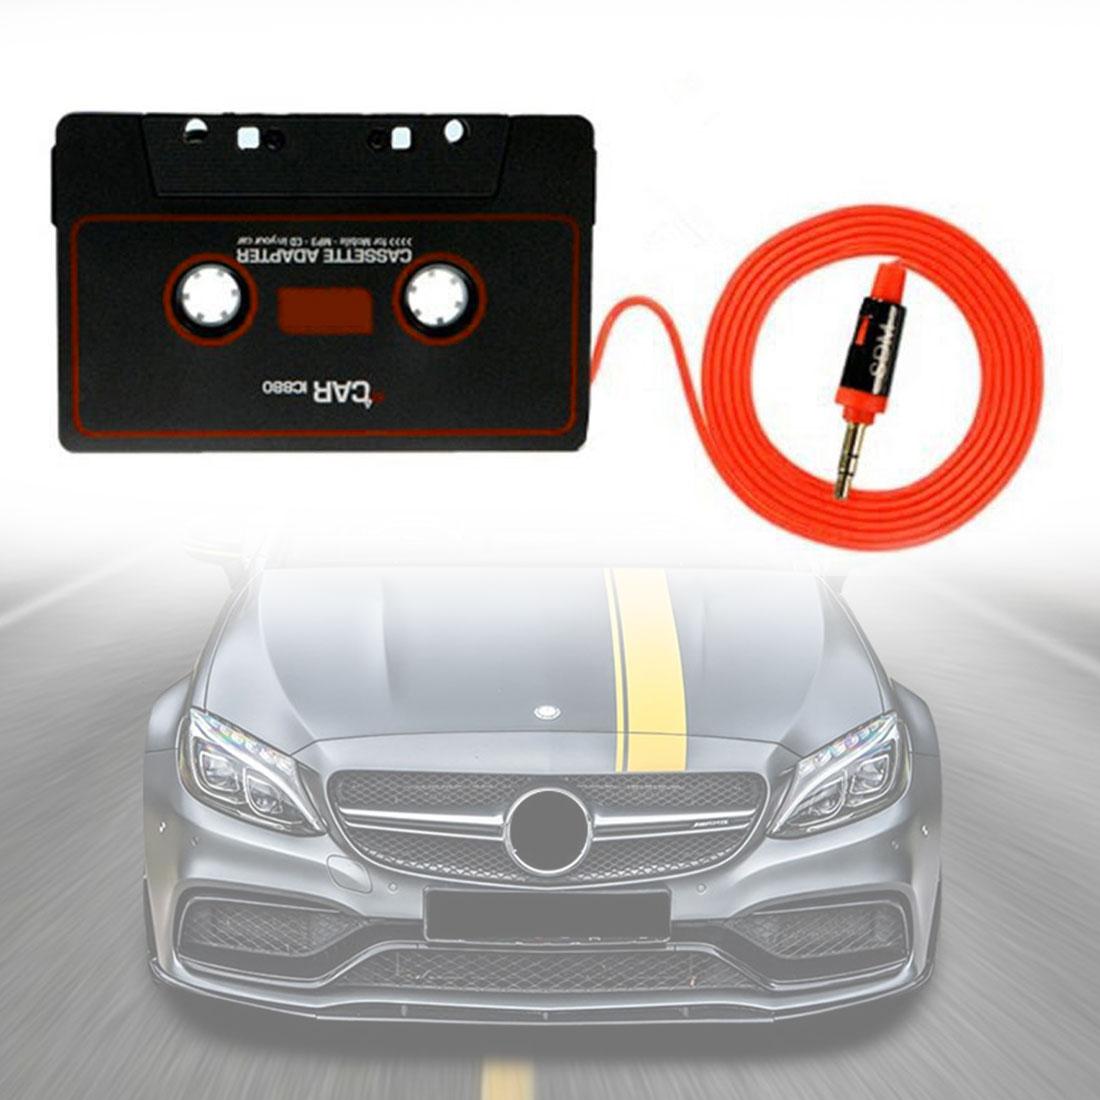 Marsnaska New Arrival Car Cassette Tape Stereo Adapter Tape Converter 3.5mm Jack Plug for Phone MP3 CD Player Smart Phone|Car Cassette Player| |  - title=